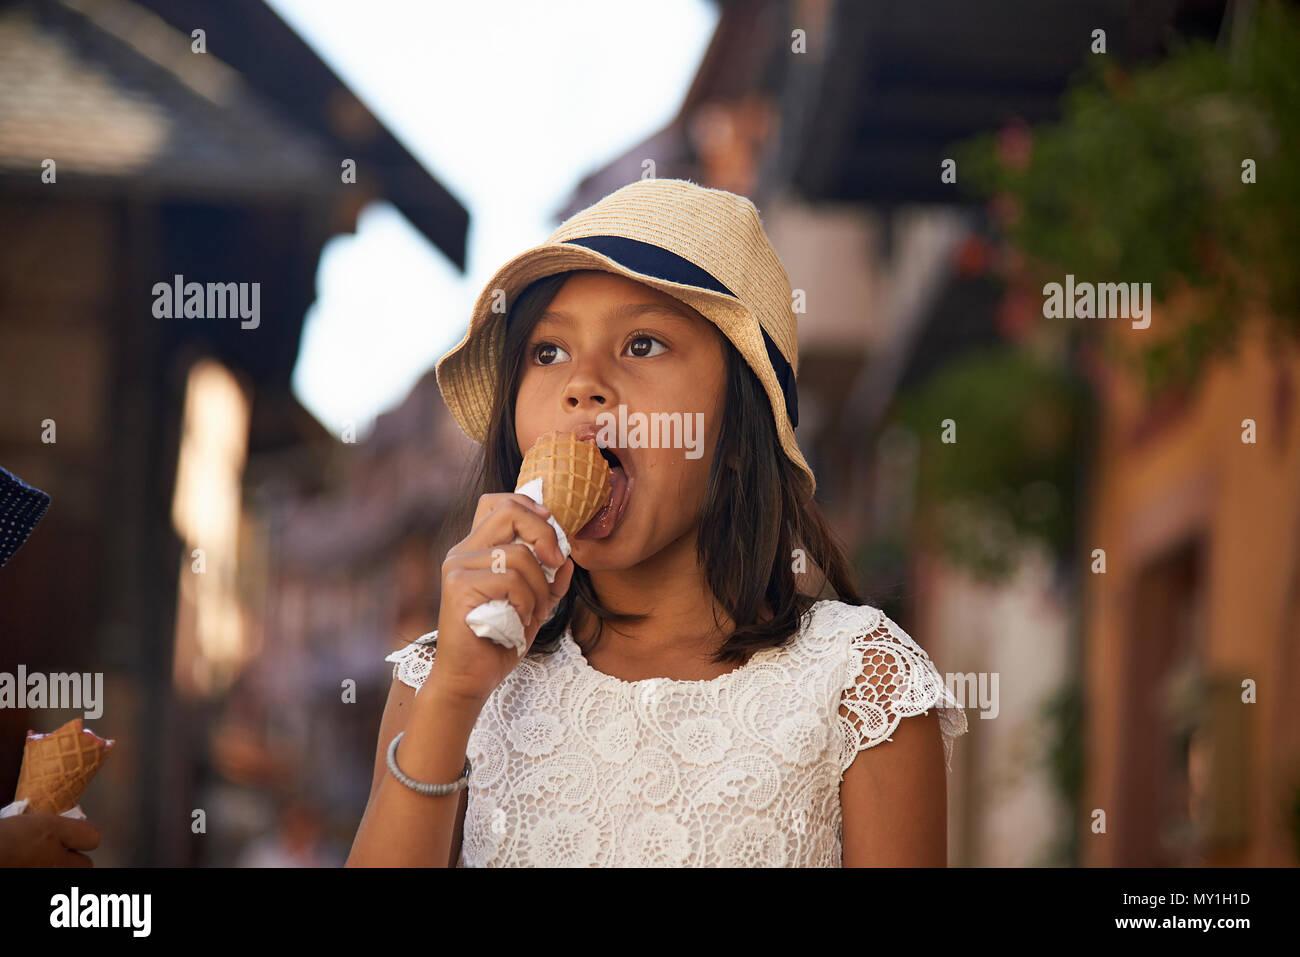 Poco carino ragazza asiatica che indossa un cappello di paglia di mangiare gelato mentre sono in vacanza nella regione francese dell'Alsazia in estate il sole in una giornata calda Immagini Stock